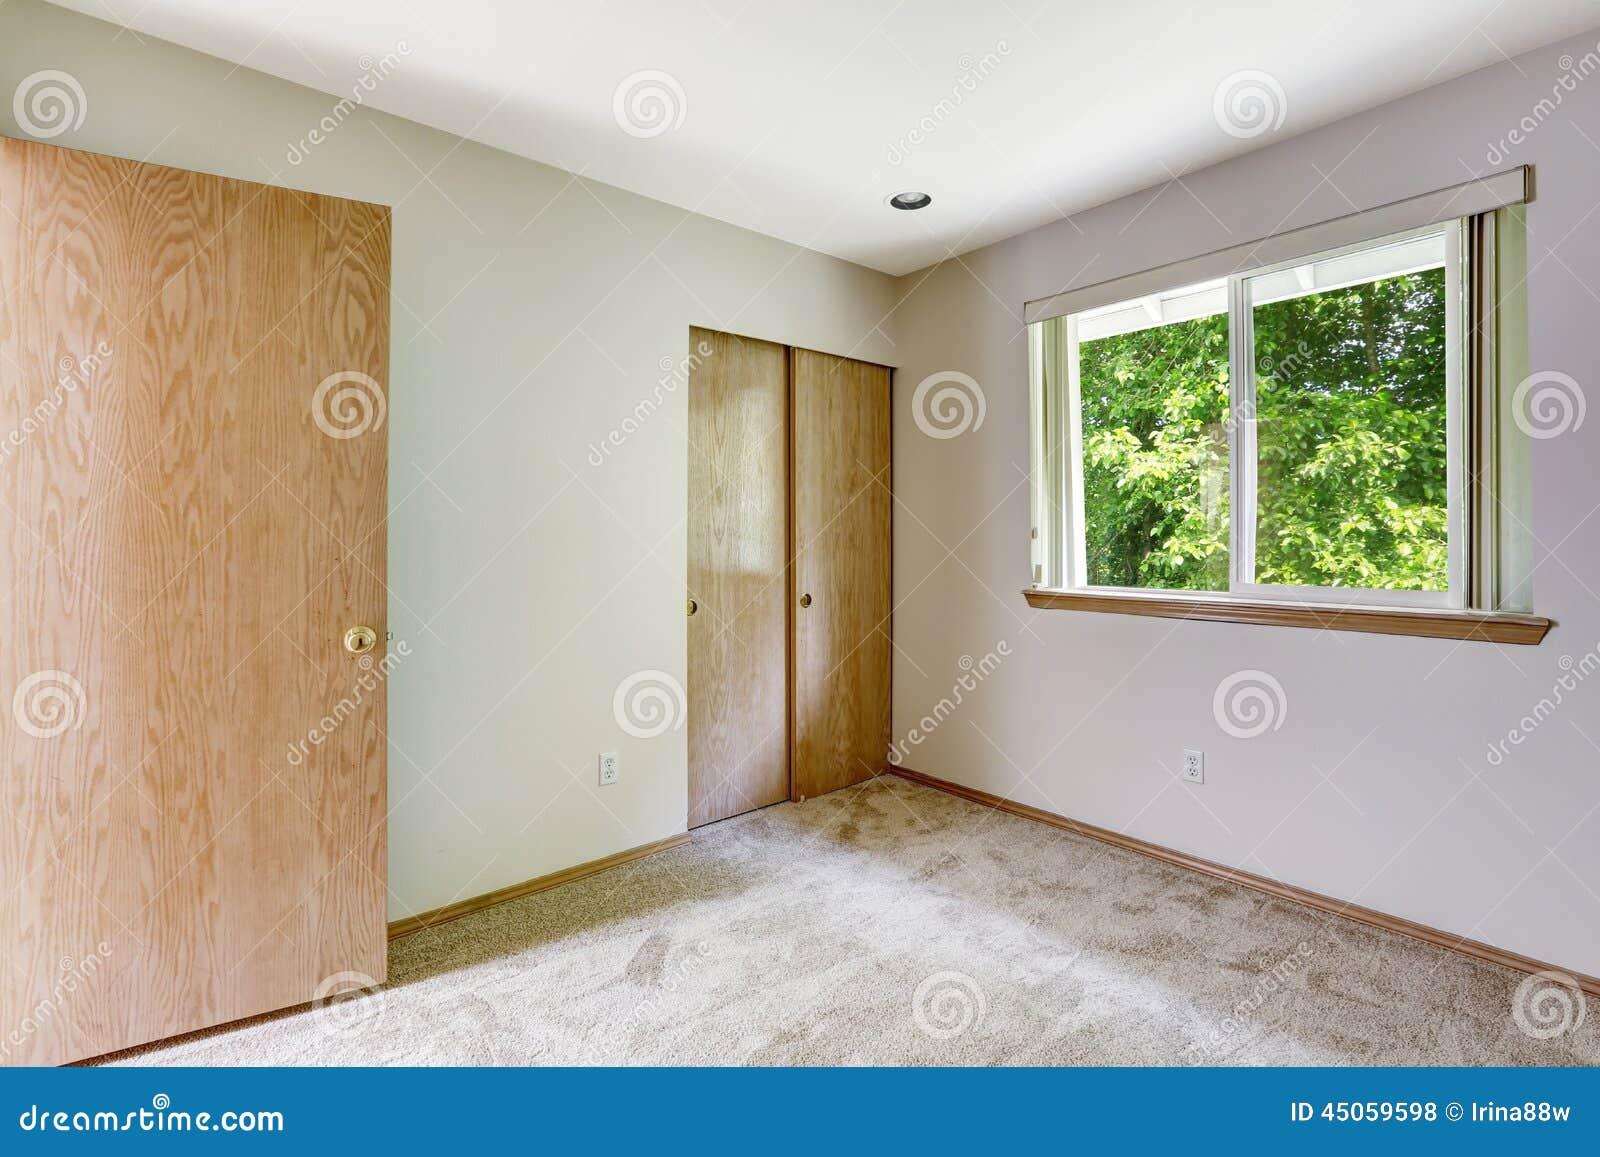 Int rieur vide de chambre coucher avec la fen tre et le for Le vide interieur